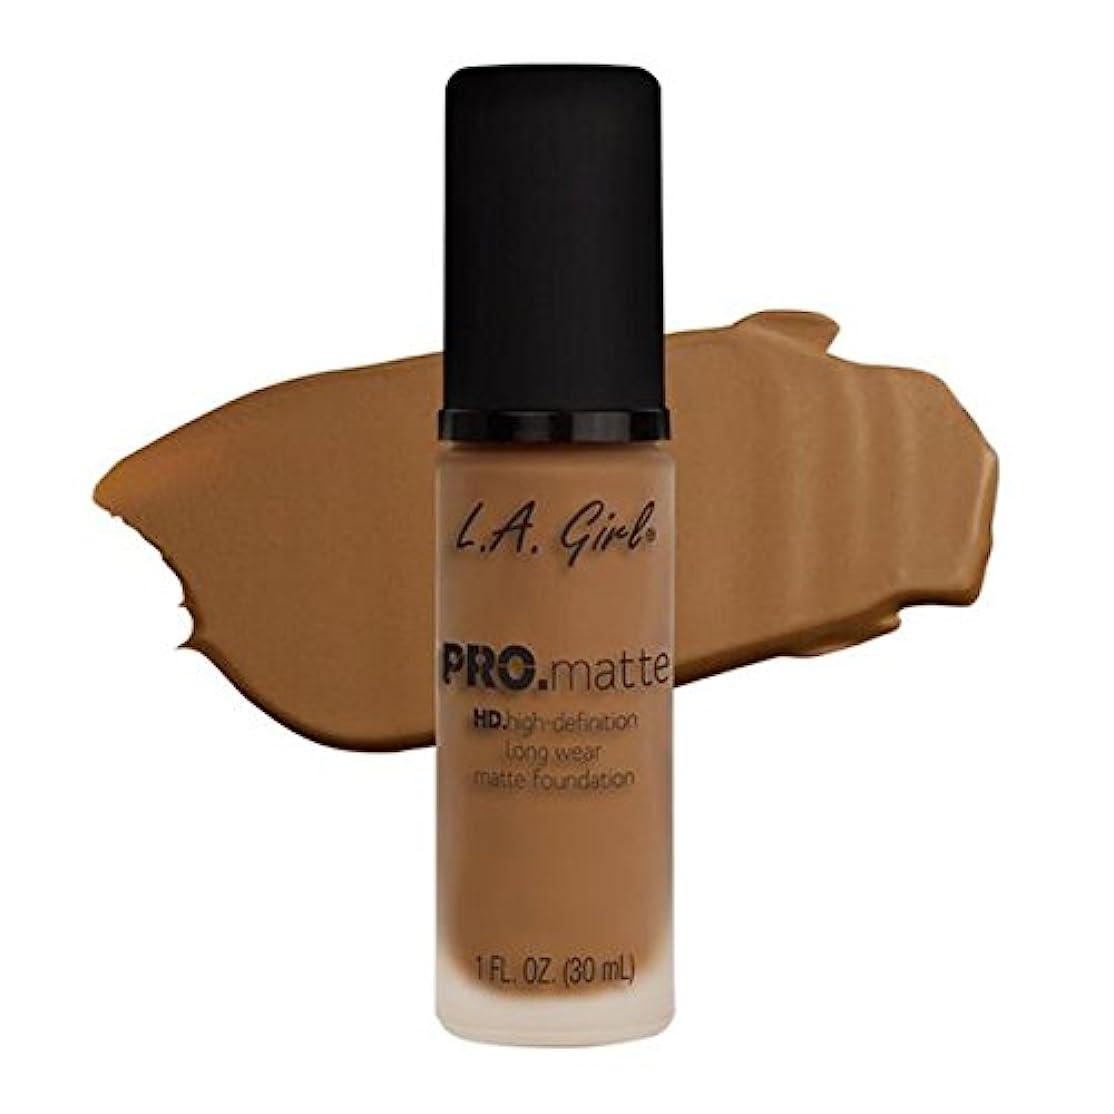 左生まれ森林LA Girl PRO.mattte HD.high-definition long wear matte foundation (GLM682 Cafe)